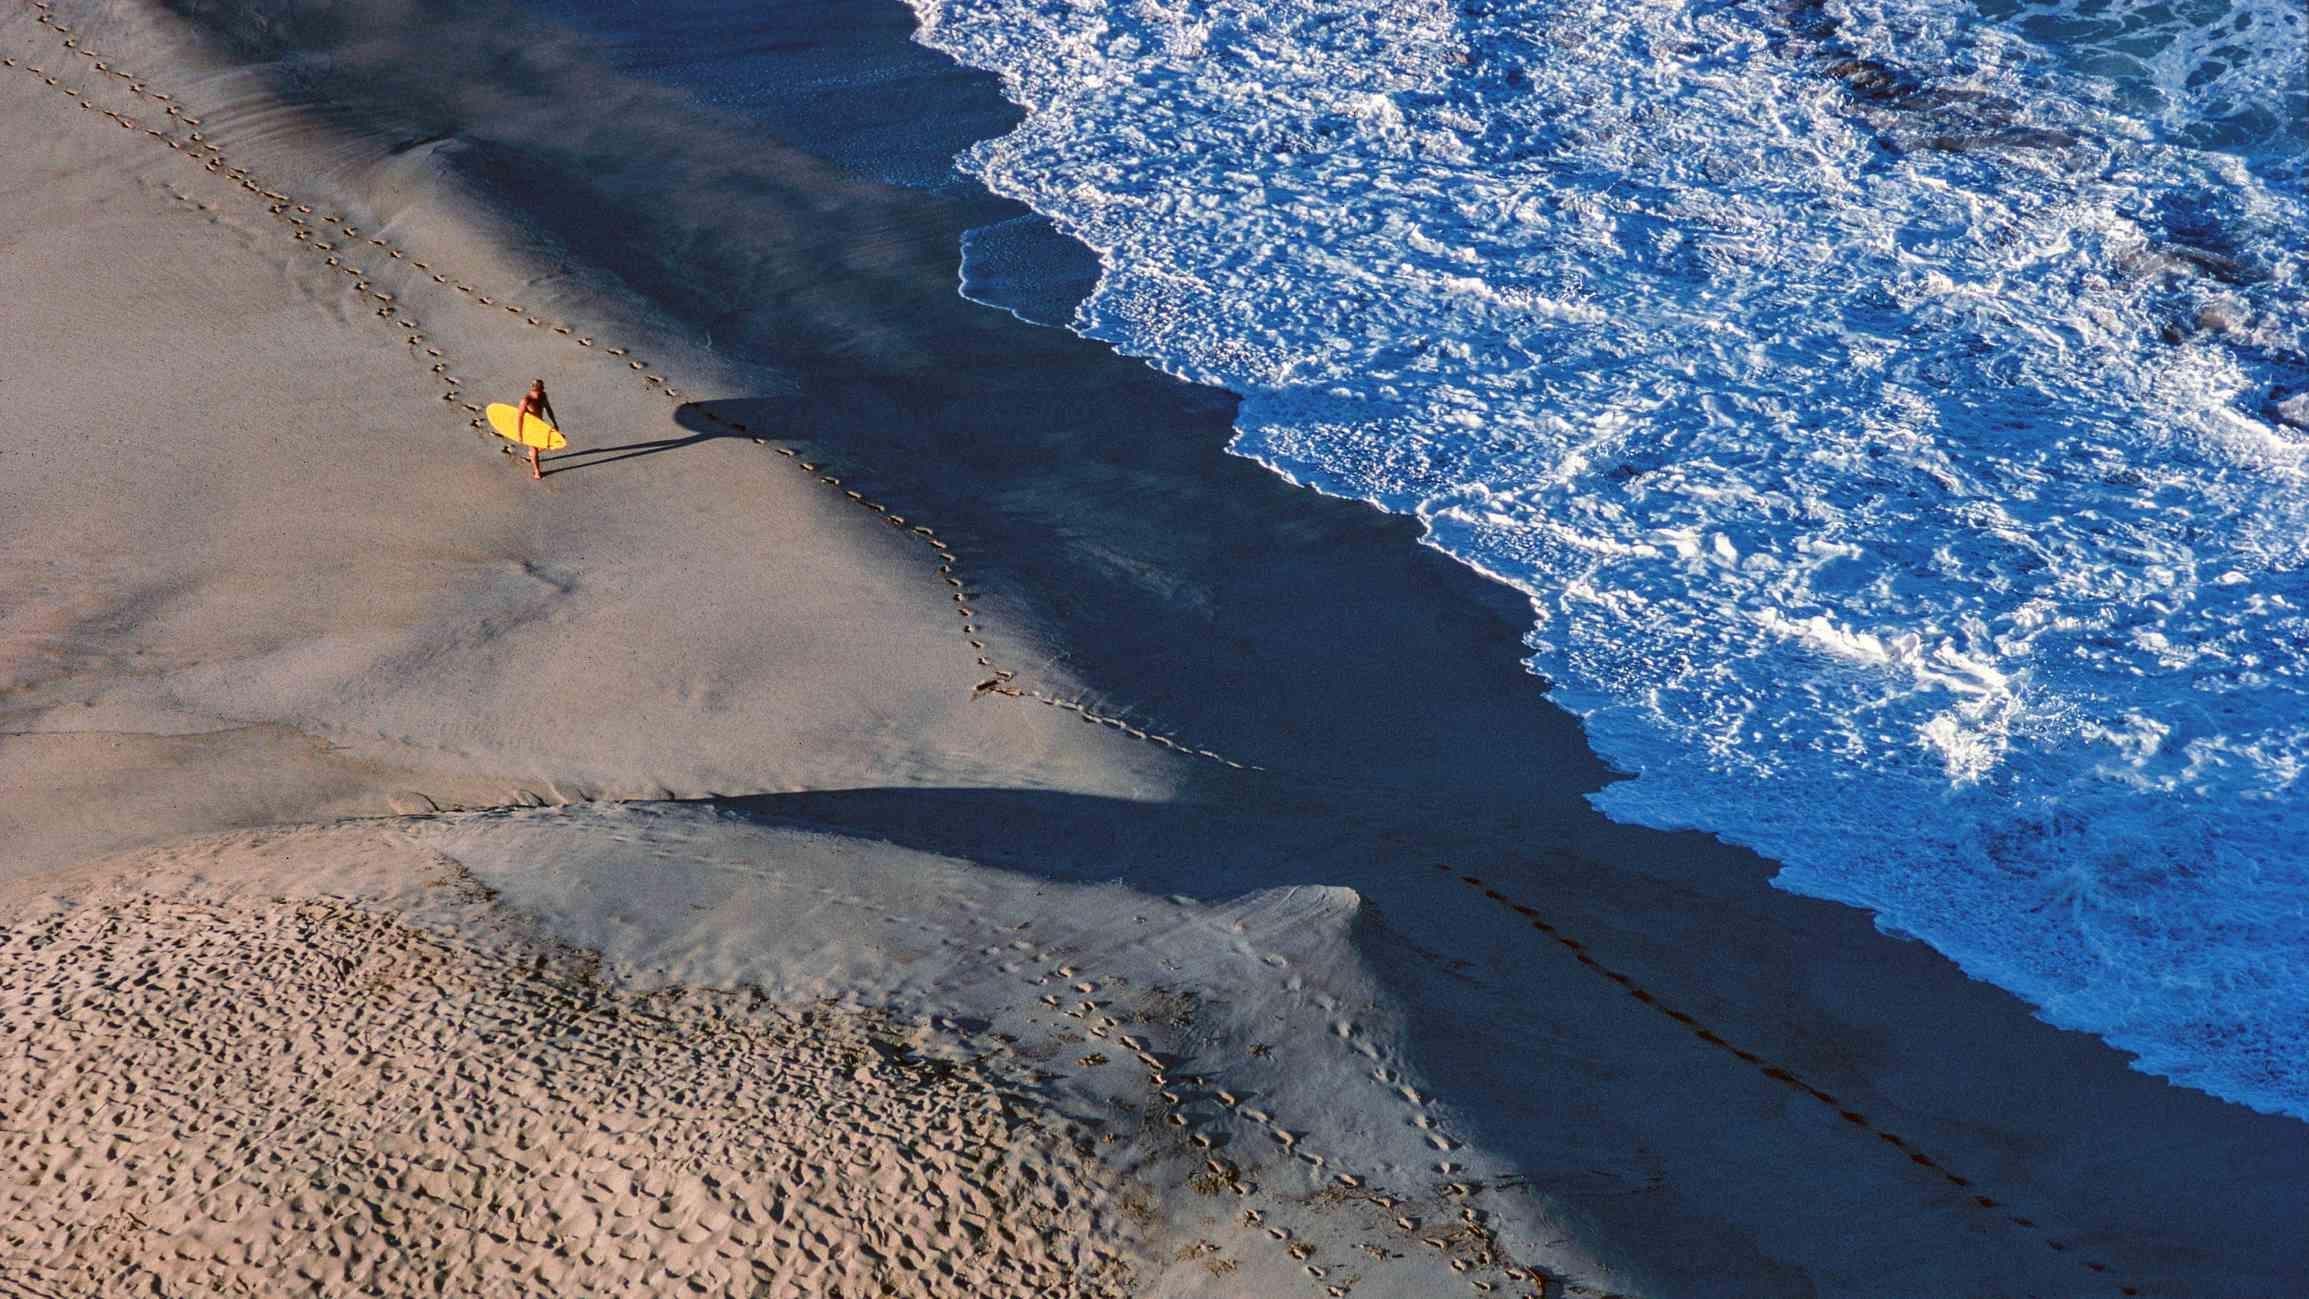 USA, Hawaii, Surfer at Waimea Bay